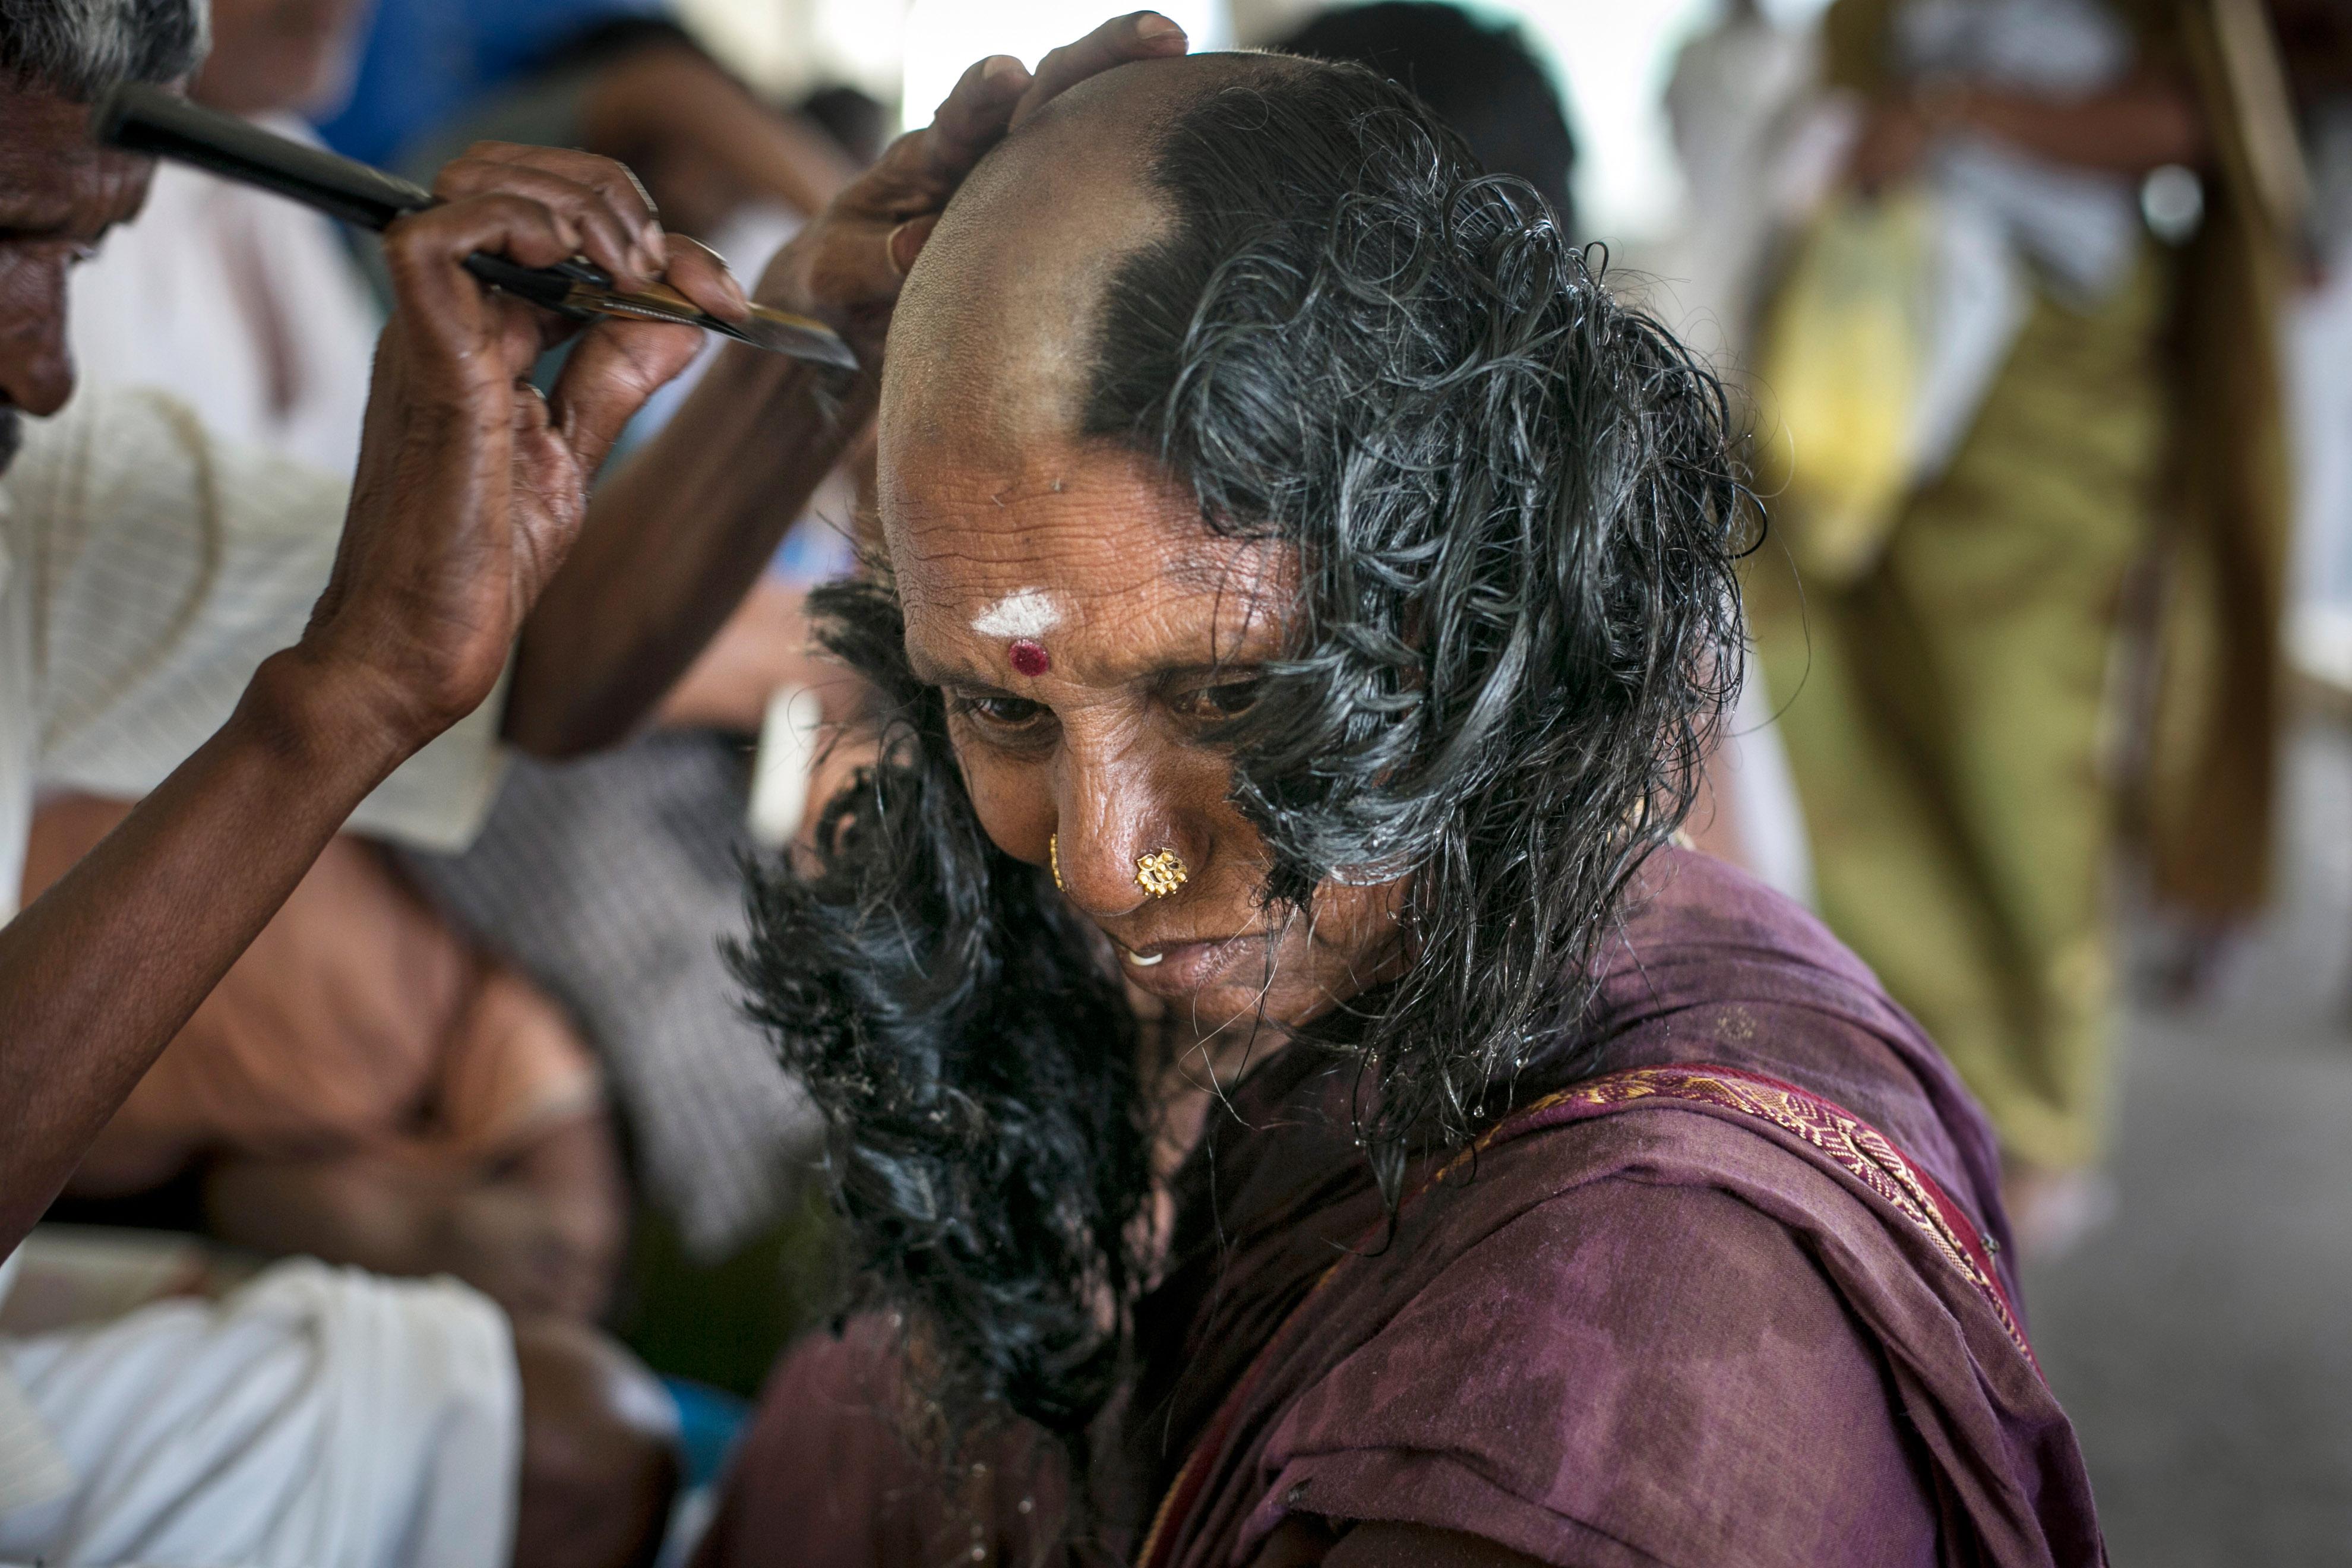 Ezért borotválják saját és kislányaik fejét a nők